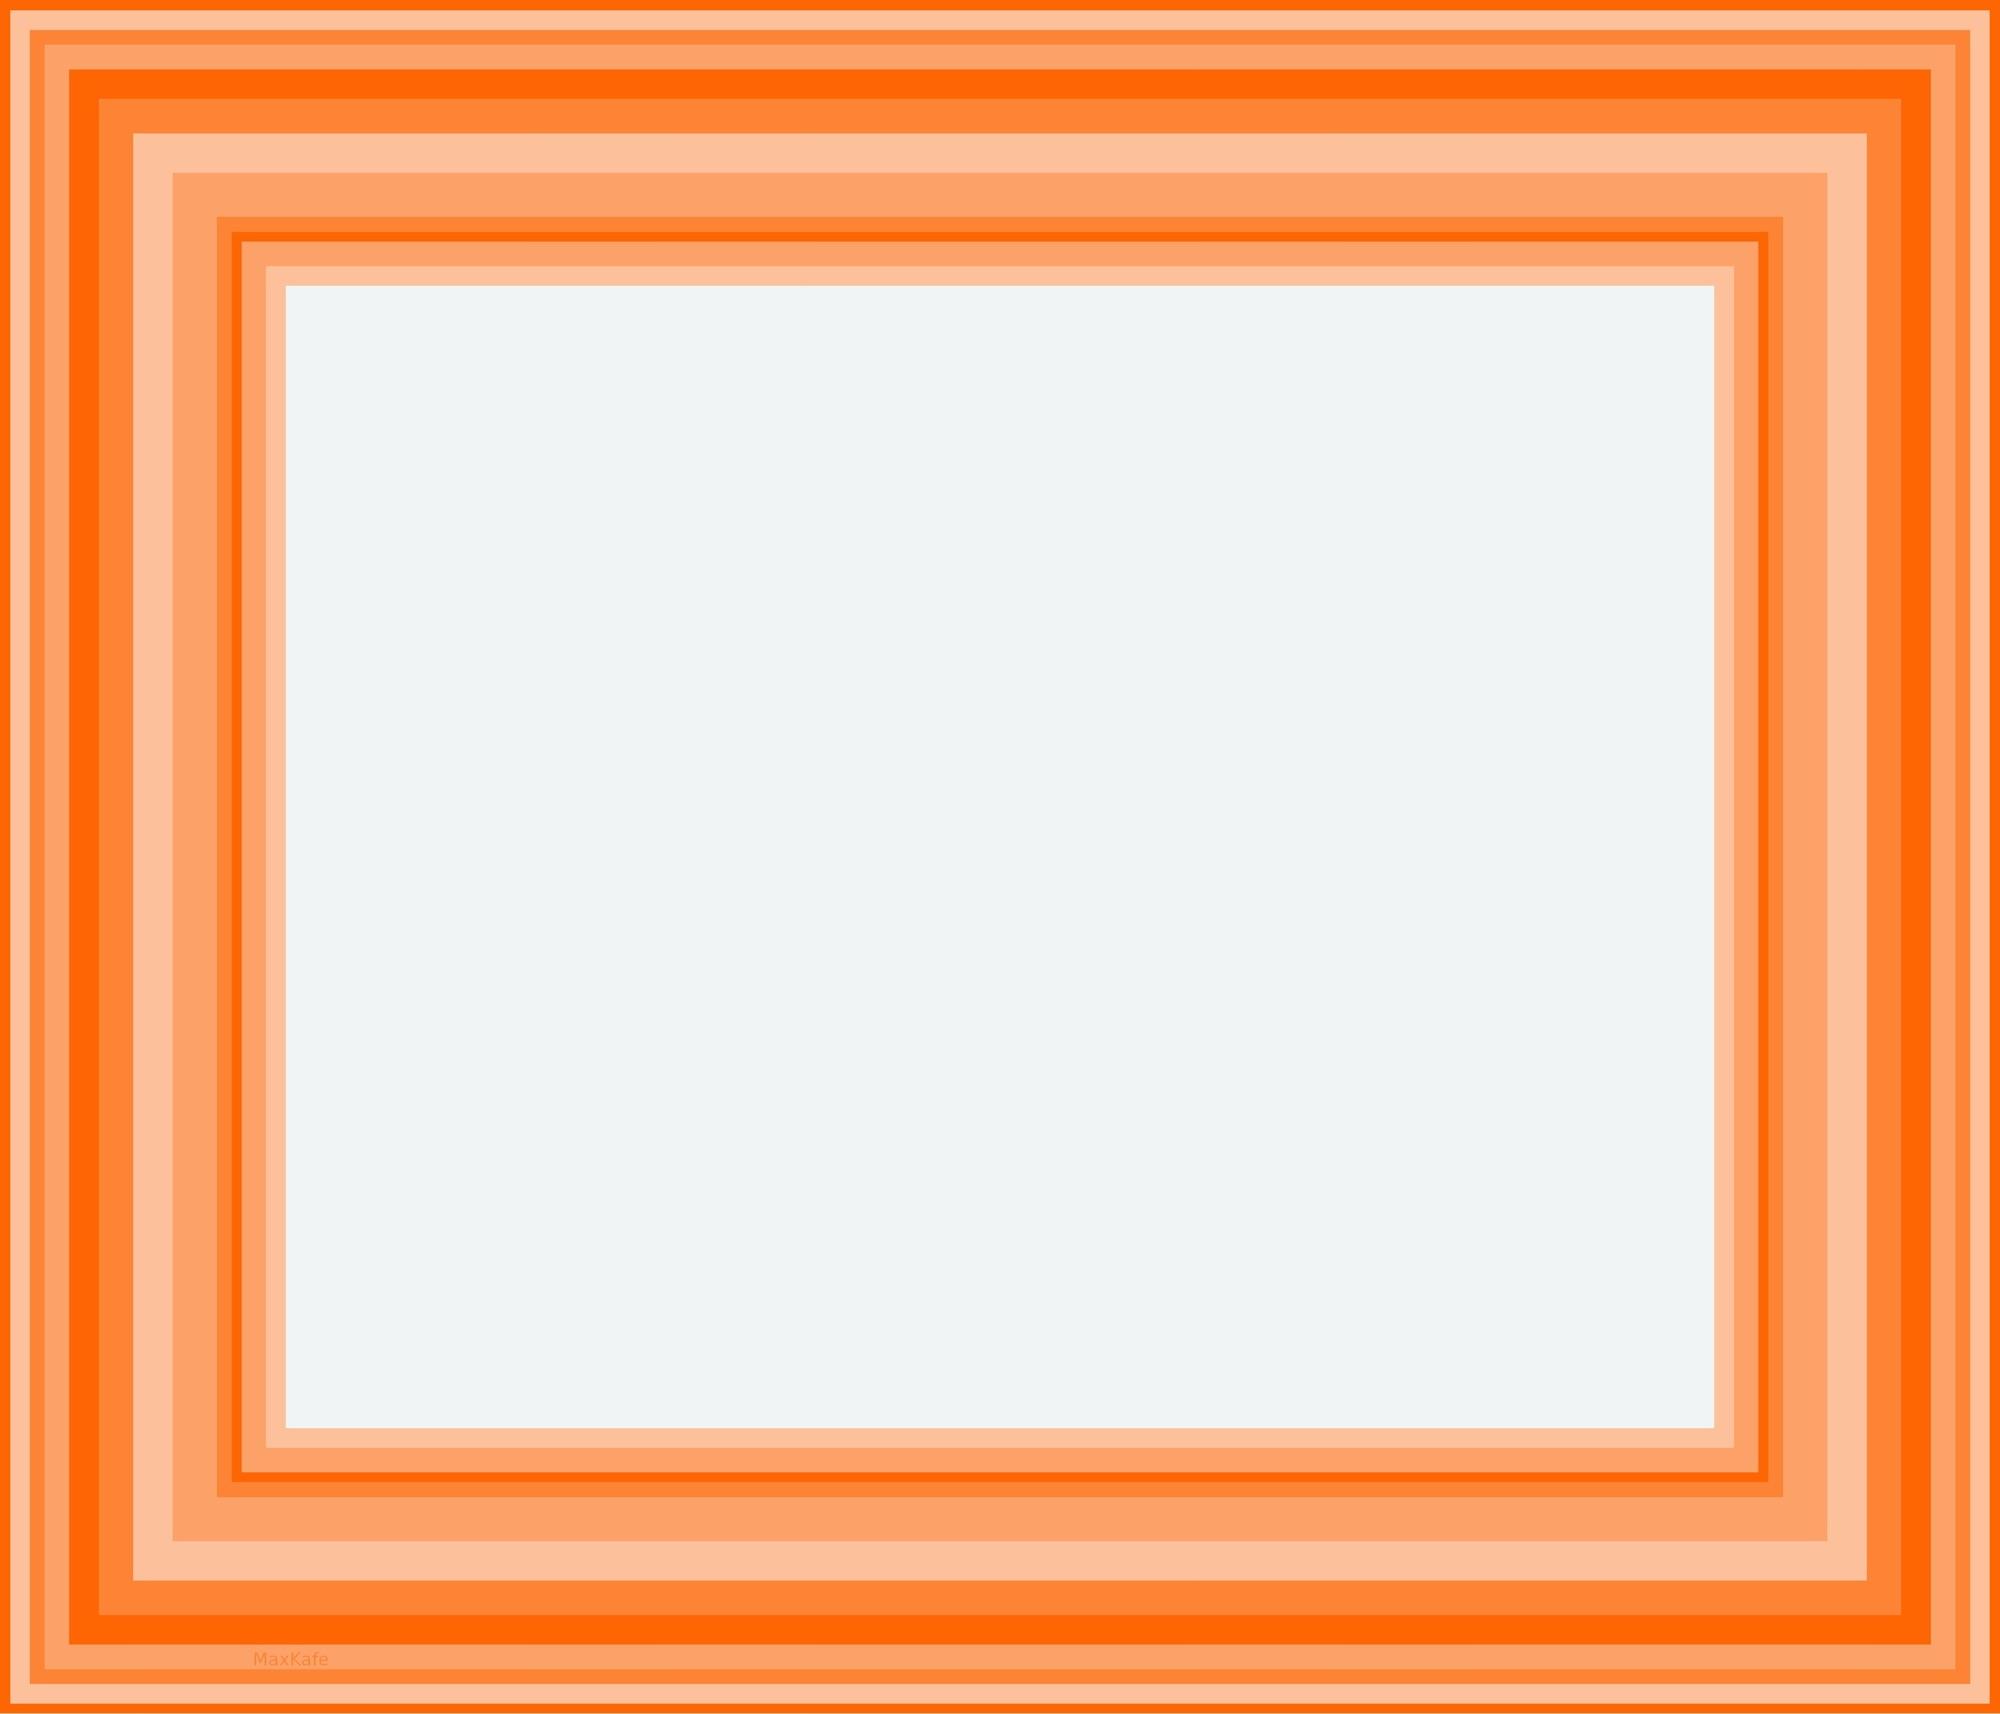 """MK16LFS131 Frame 6x7 Peach <a href=""""https://dl.orangedox.com/2OVWDY"""">[DOWNLOAD]</a>"""